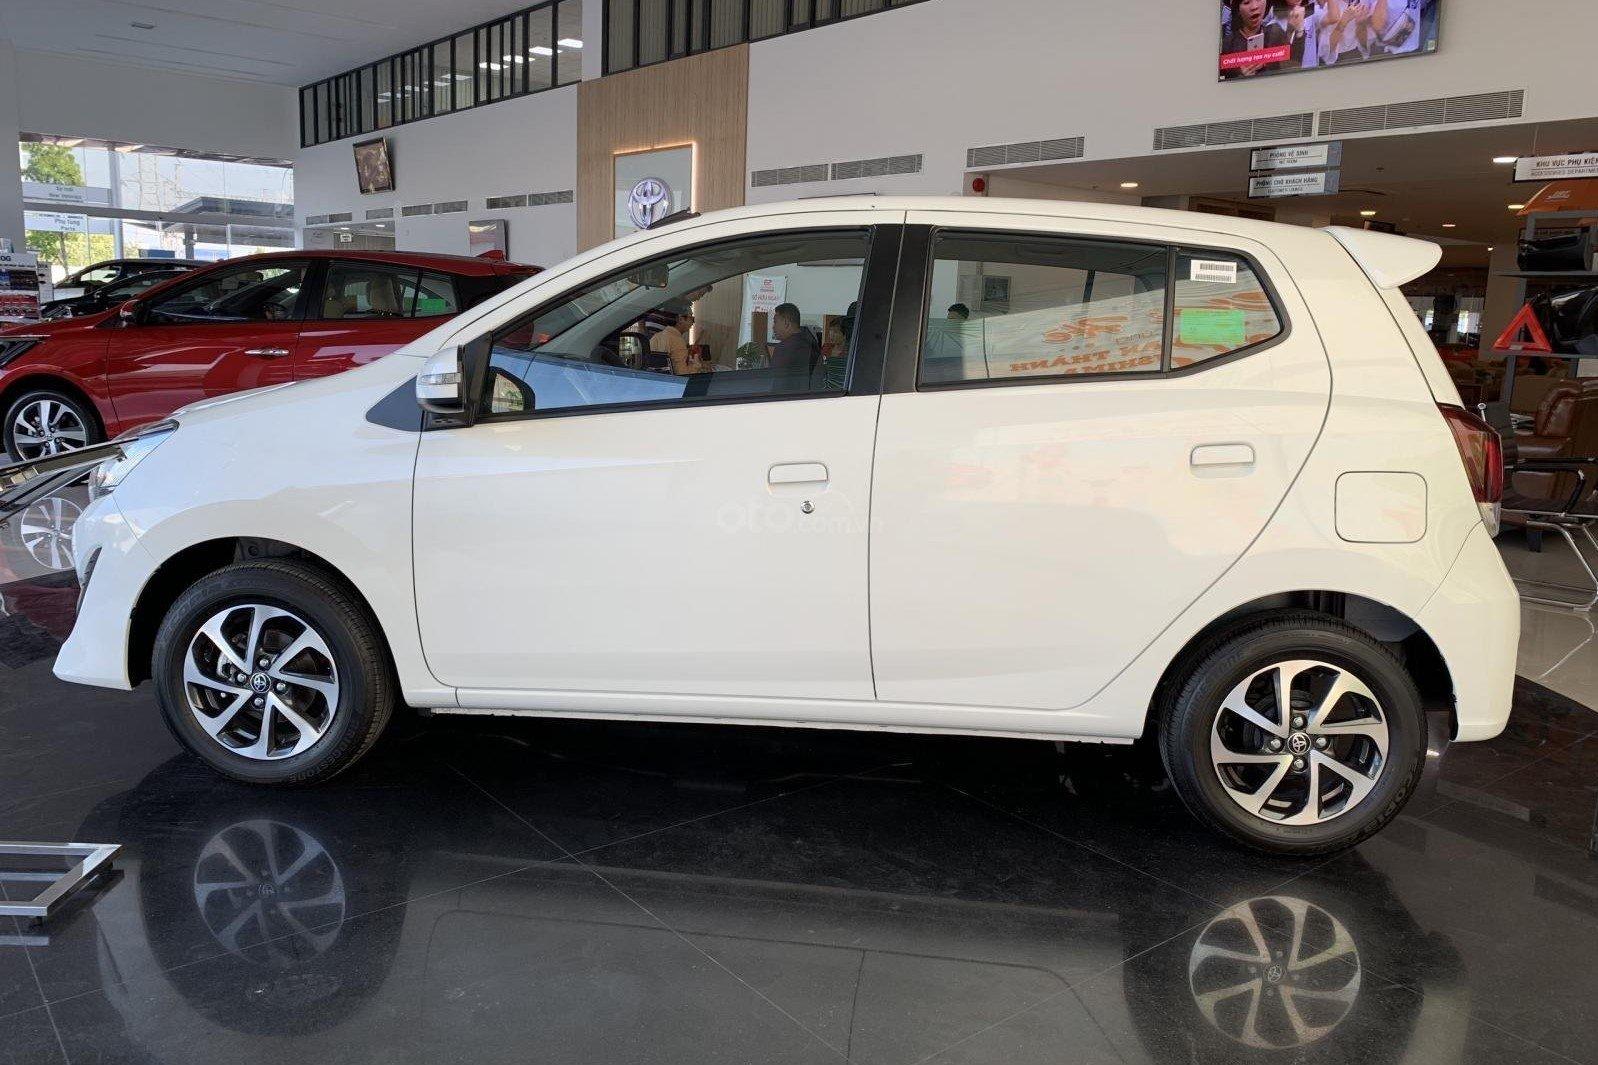 Thân xe Toyota Wigo 2019 thiết kế đơn giản, không có điểm nhấn đặc sắc a1